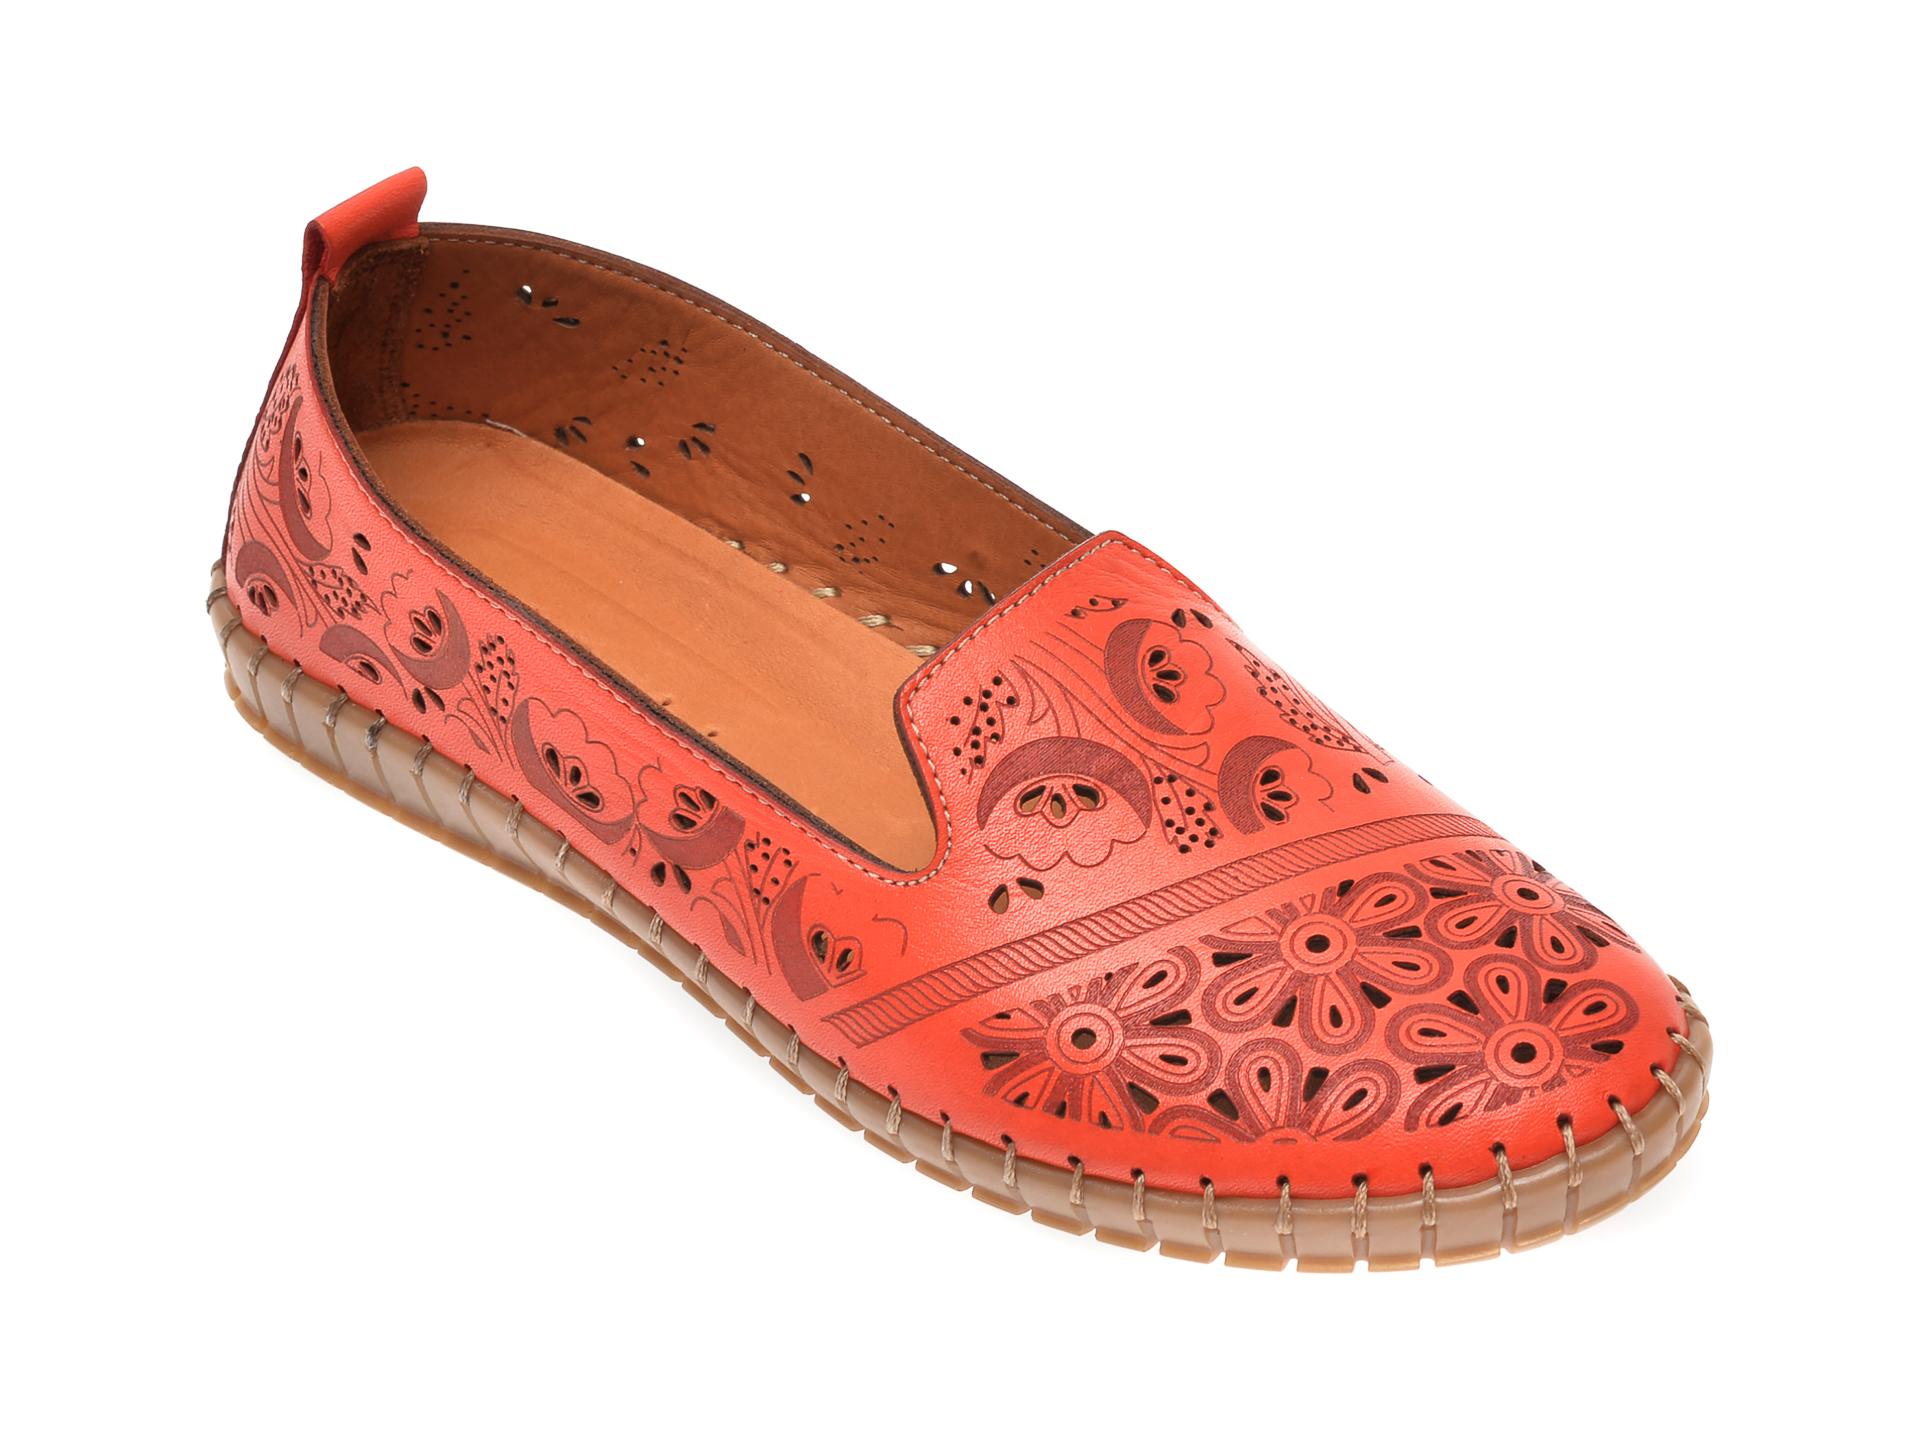 Pantofi FLAVIA PASSINI rosii, 792731, din piele naturala imagine